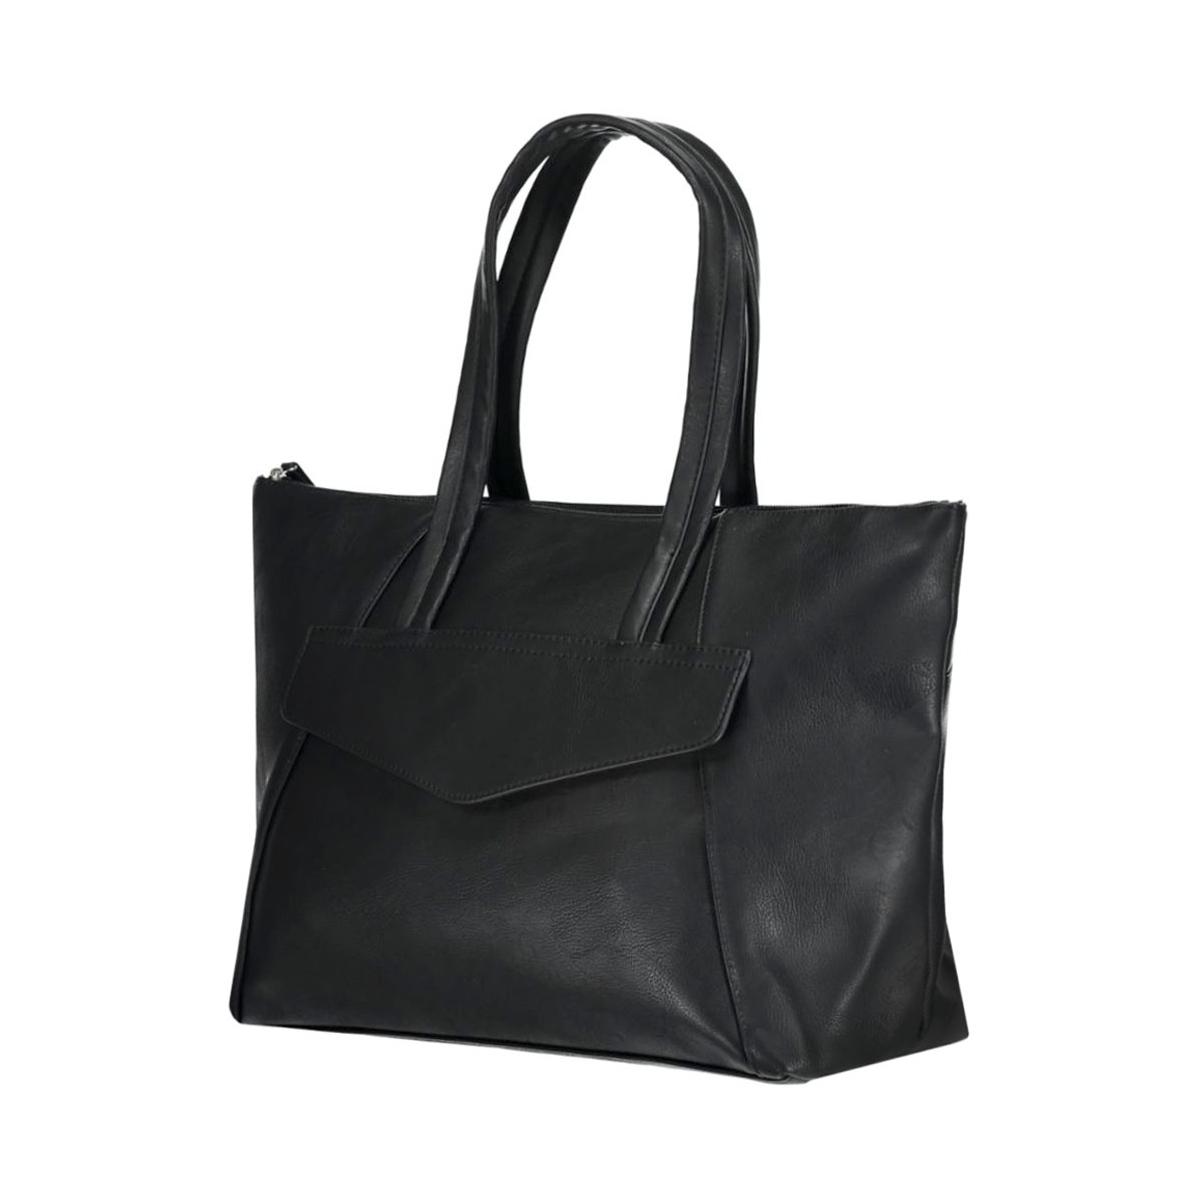 Tassen Pieces : Pcsawyer bag pieces tassen black